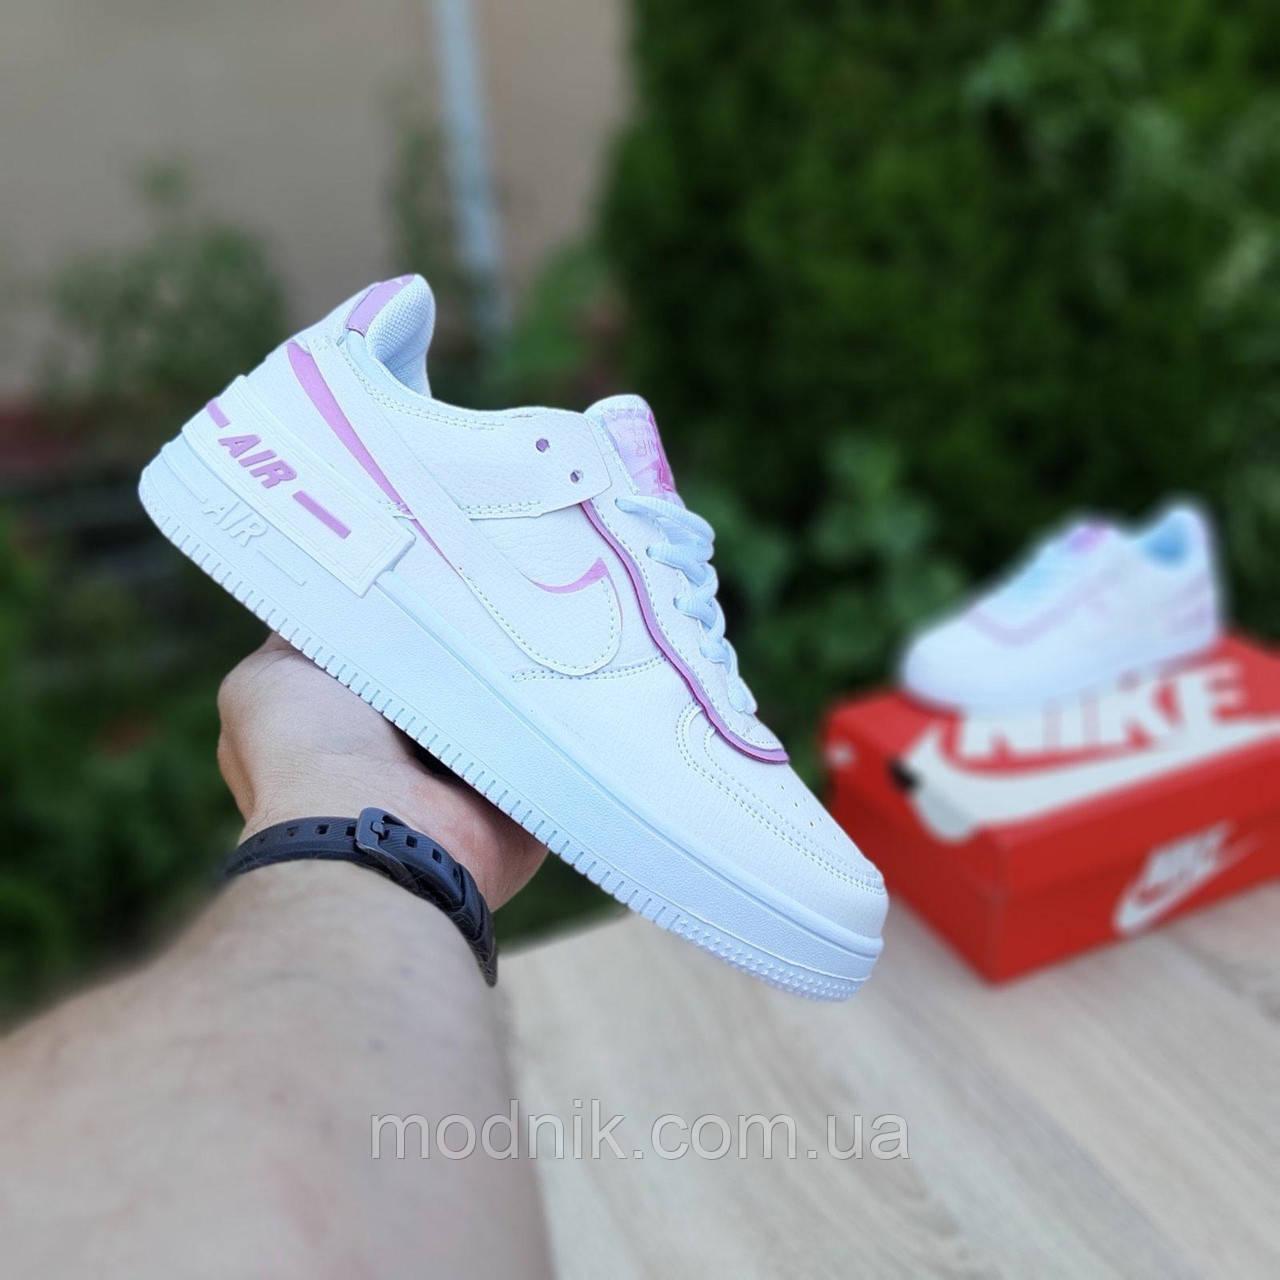 Женские кроссовки Nike Air Force 1 Shadow (белые с сиреневым) 20204 повседневные демисезонные кроссы